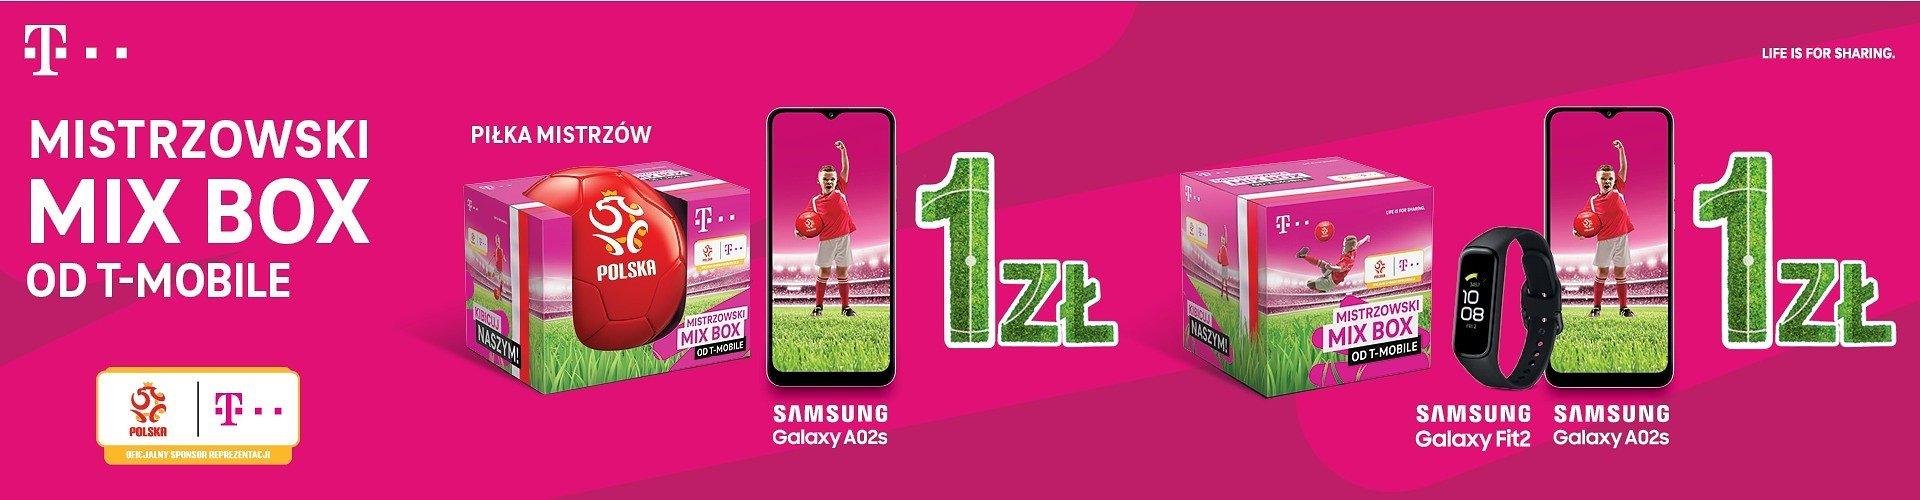 Startuje kampania mistrzowskich MIX BOX-ów od T-Mobile